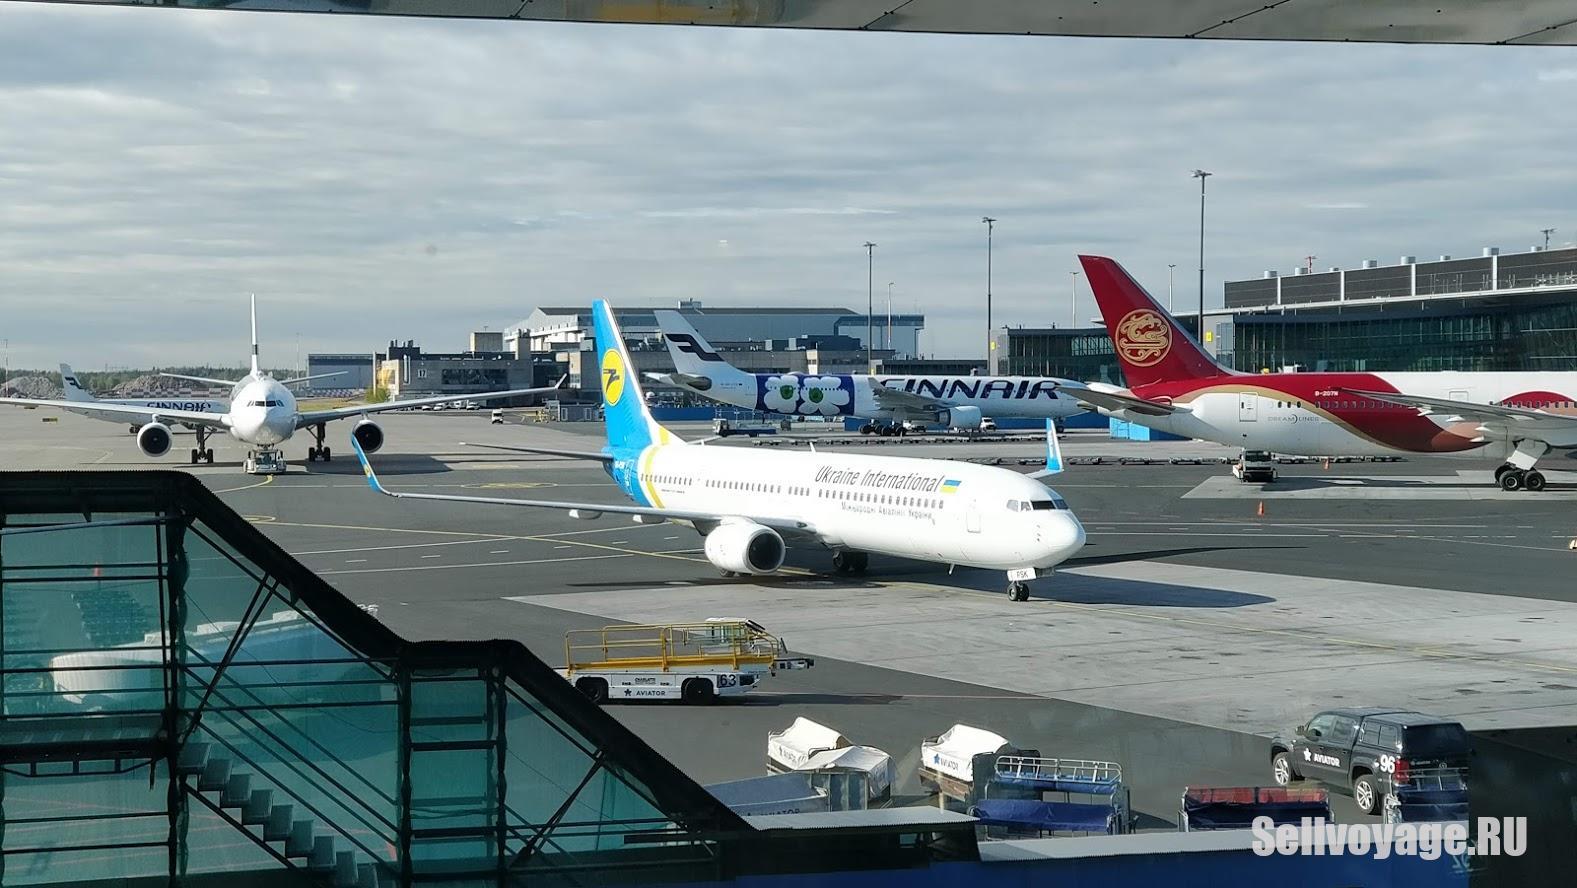 Вид из окна аэропорта Хельсинки